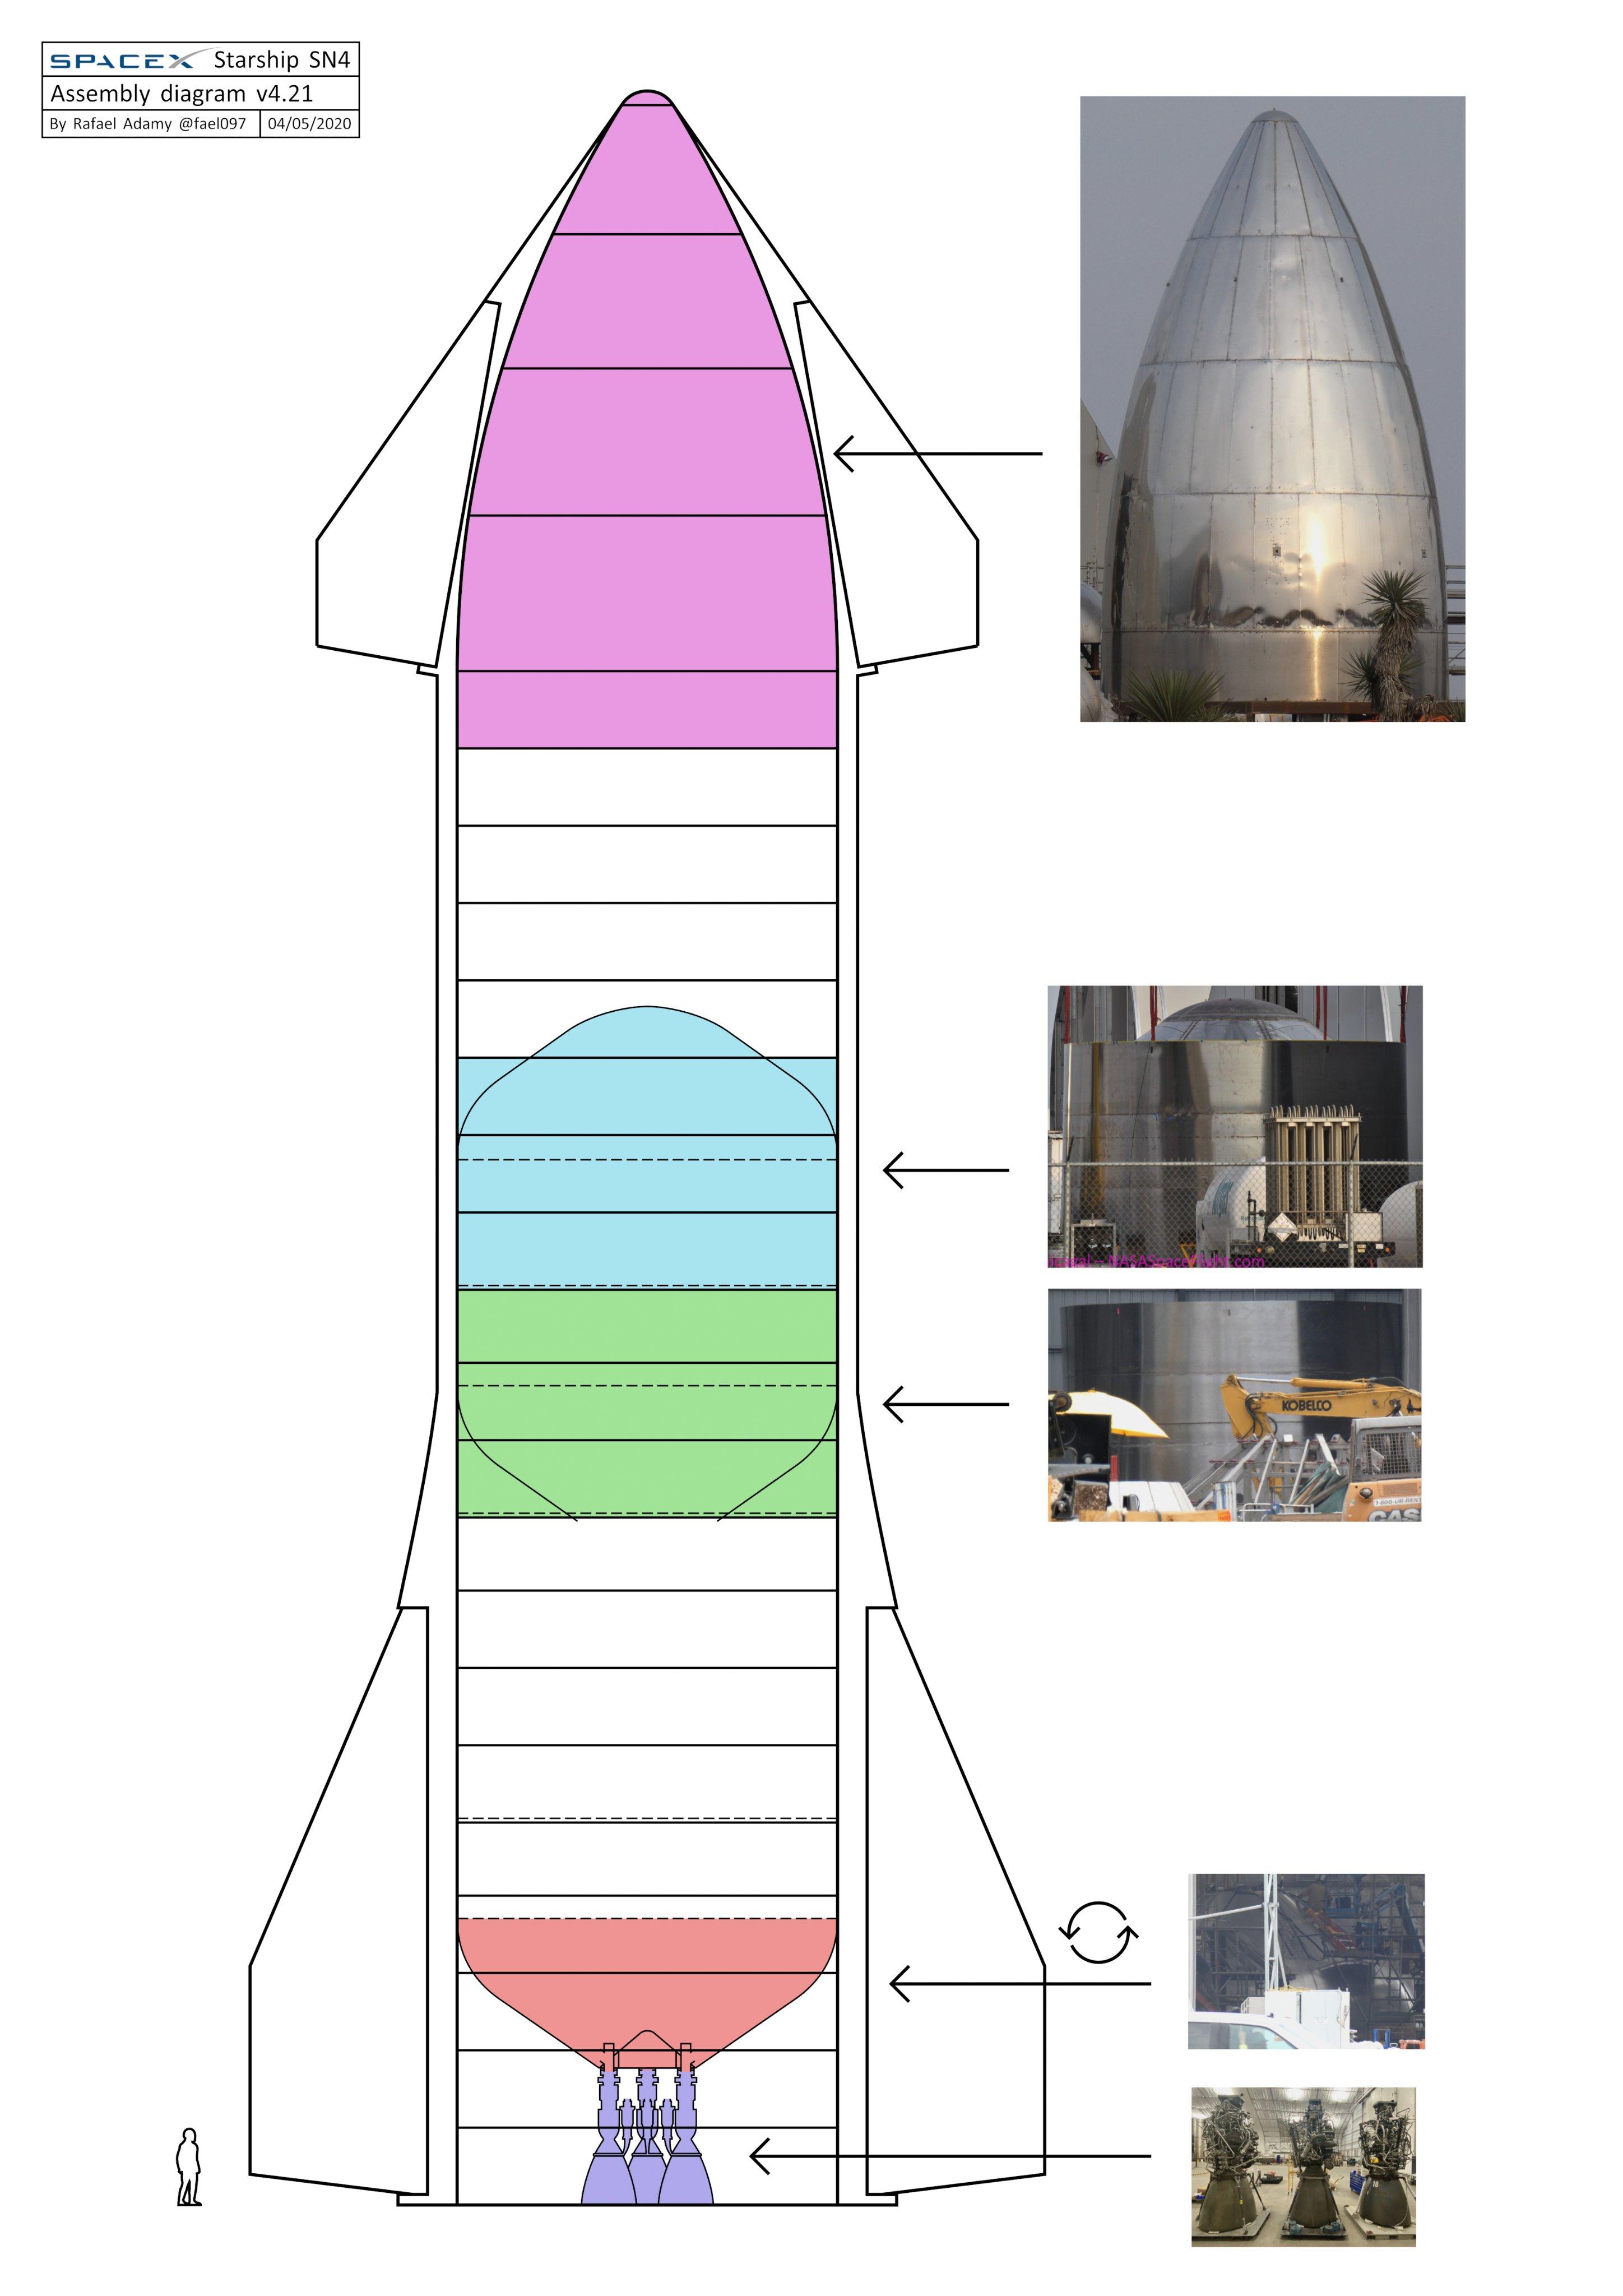 Starship SN4 (Boca Chica) - Page 2 EU4hzSQWkAI_b4p?format=jpg&name=4096x4096